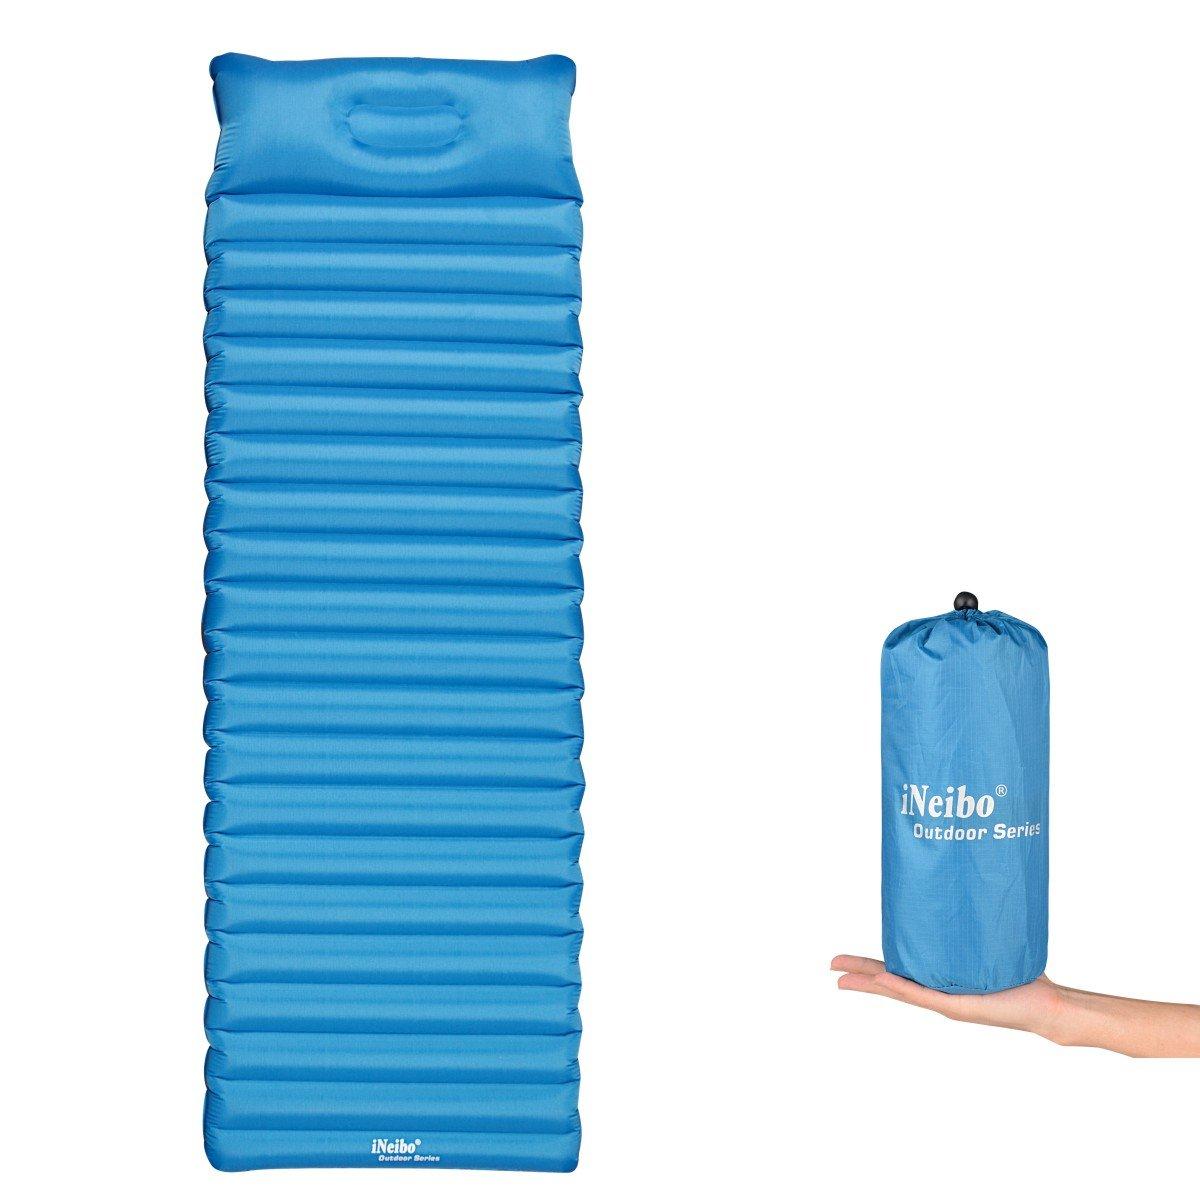 iNeibo Colchón de aire de camping ultraligero, Esterilla para dormir al aire libre, con cojín integrado, hecho de material de TPU. Tamaño: 186x60x8,5cm.